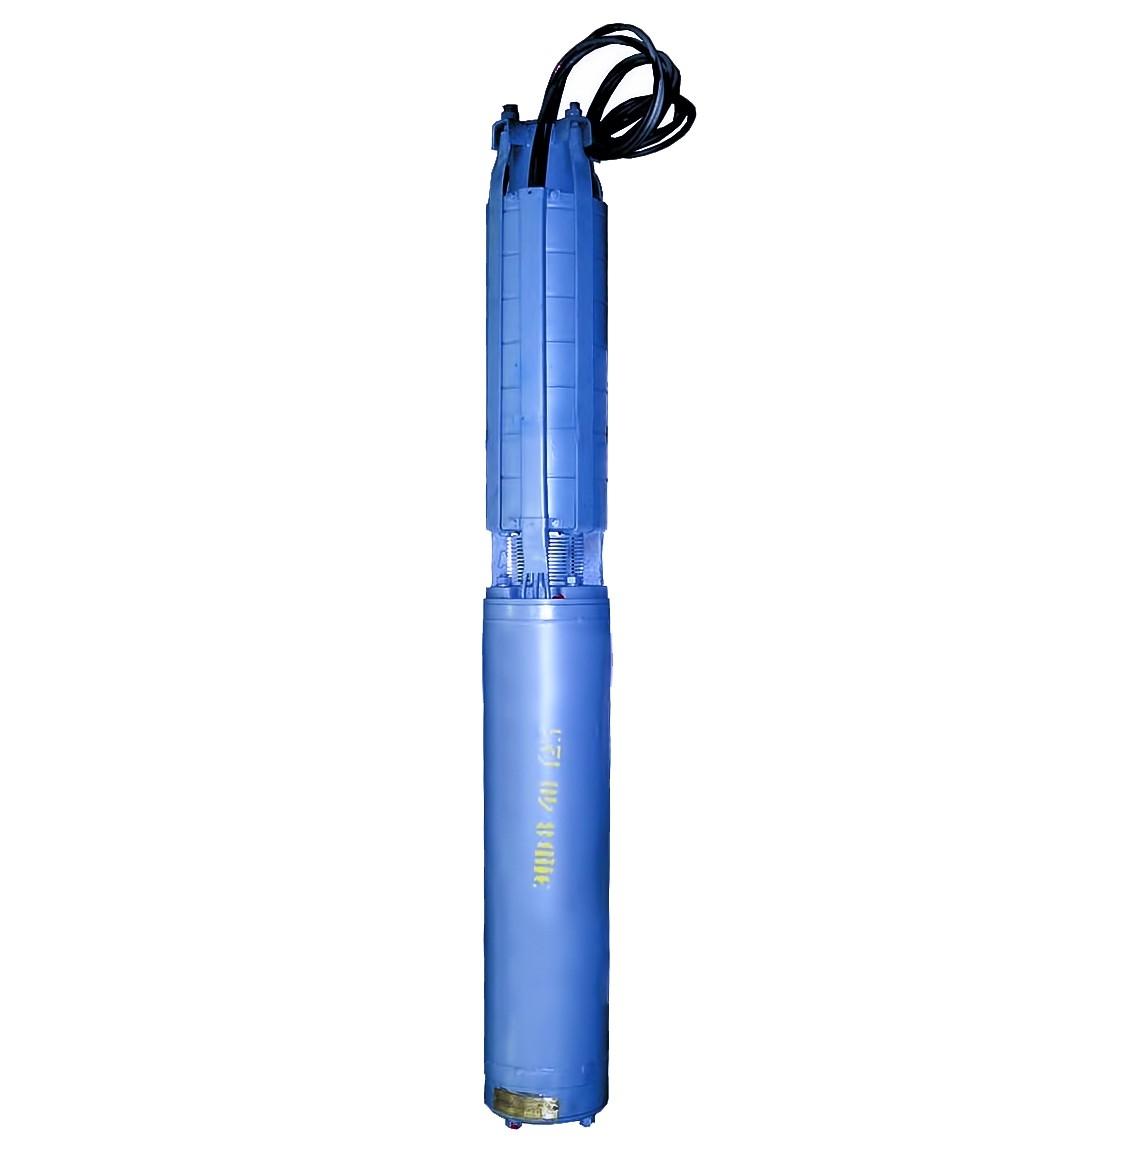 Погружной насос ЭЦВ 6-6,5-185 армлен